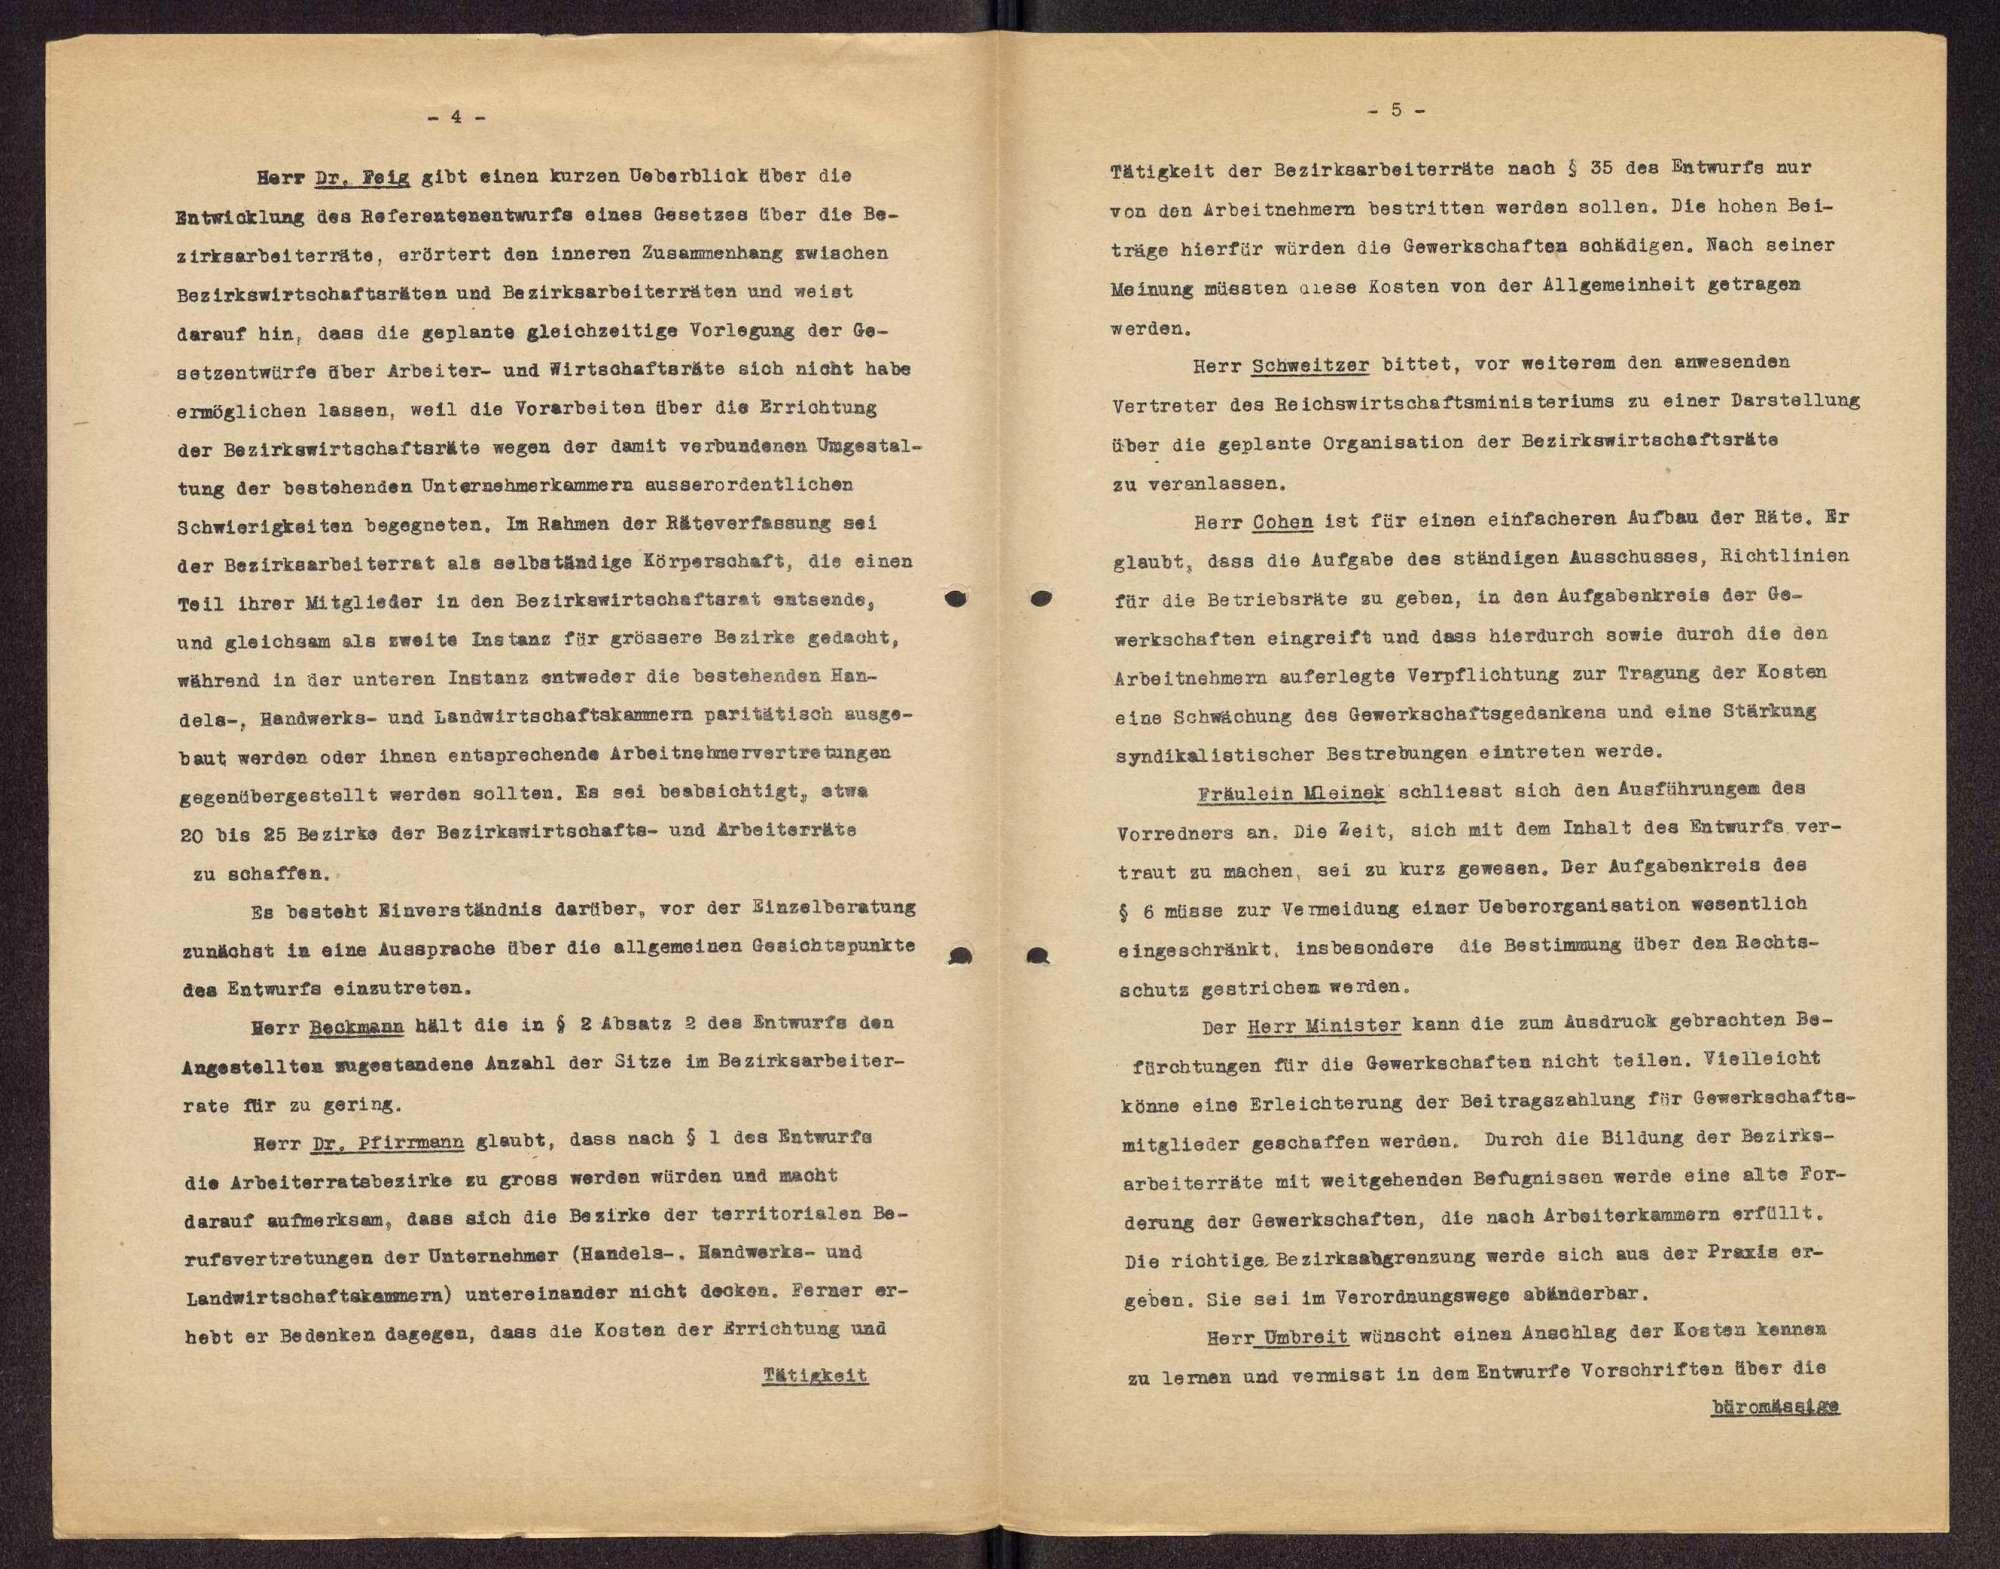 Teilnahme an den Kongressen der Arbeiter-, Bauern- und Soldatenräte v. 16.-20.12.1918 (1. Rätekongress) und v. 8.-14.4.1919 (2. Rätekongress) in Berlin und Tätigkeit als Mitglied des Zentralrats der deutschen Arbeiterräte, Bild 3